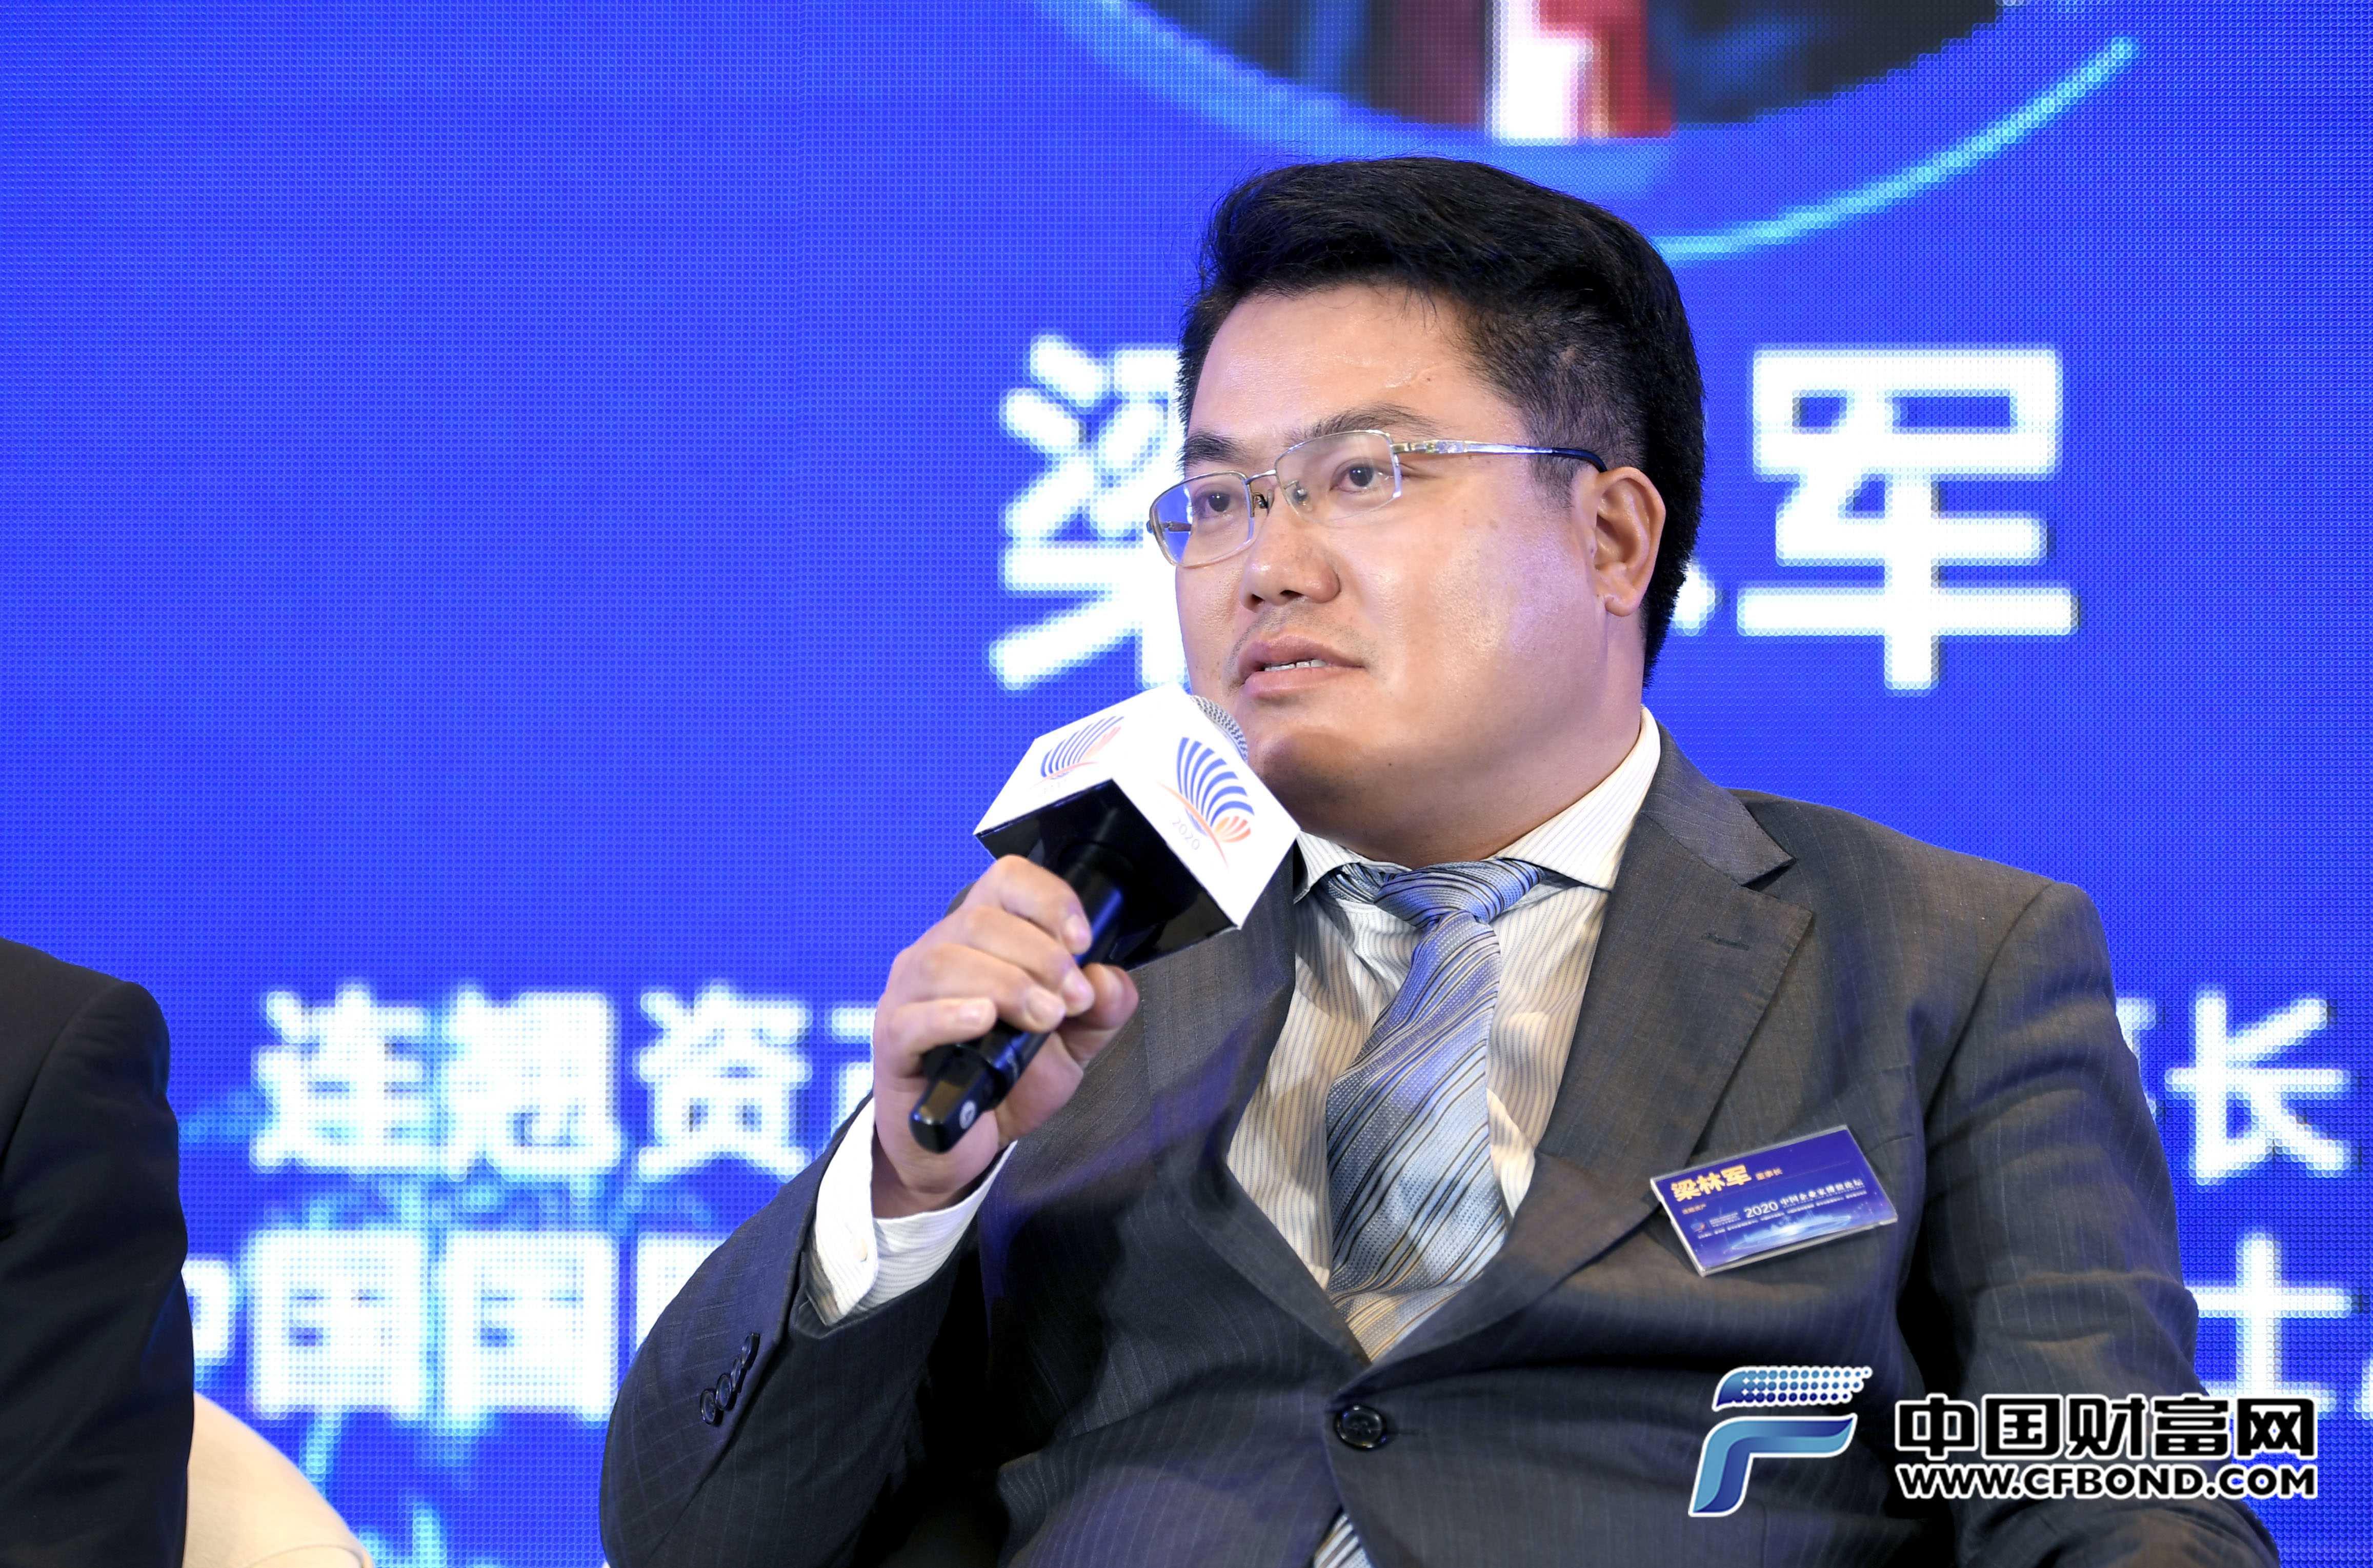 连翘资产管理公司董事长、中国国际经济交流中心博士后梁林军发言